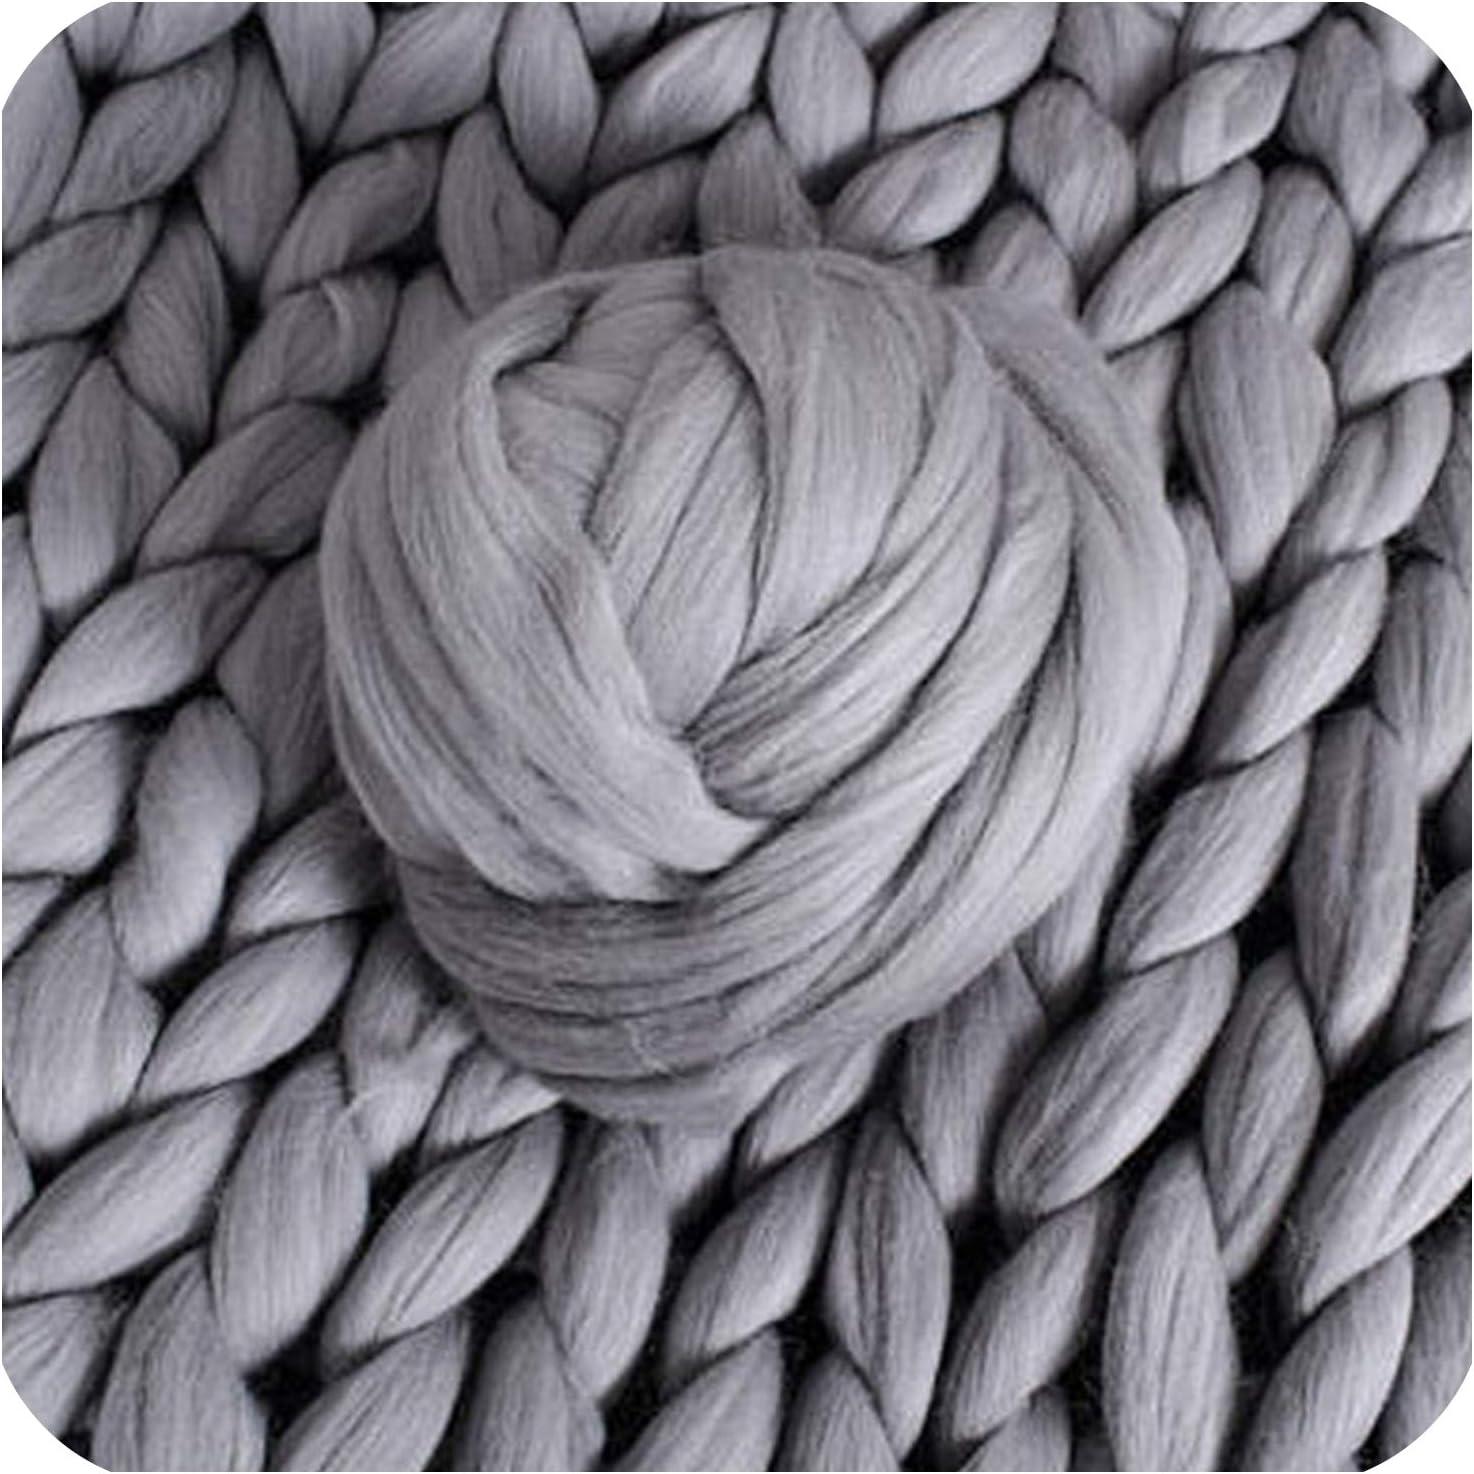 Fiber Art Worsted Weight Wool Blend Yarn Fiammato Cream Wool Blend Ice Yarn Thin to Thick Yarn Wool Blend Yarn 58591 Unique Yarn